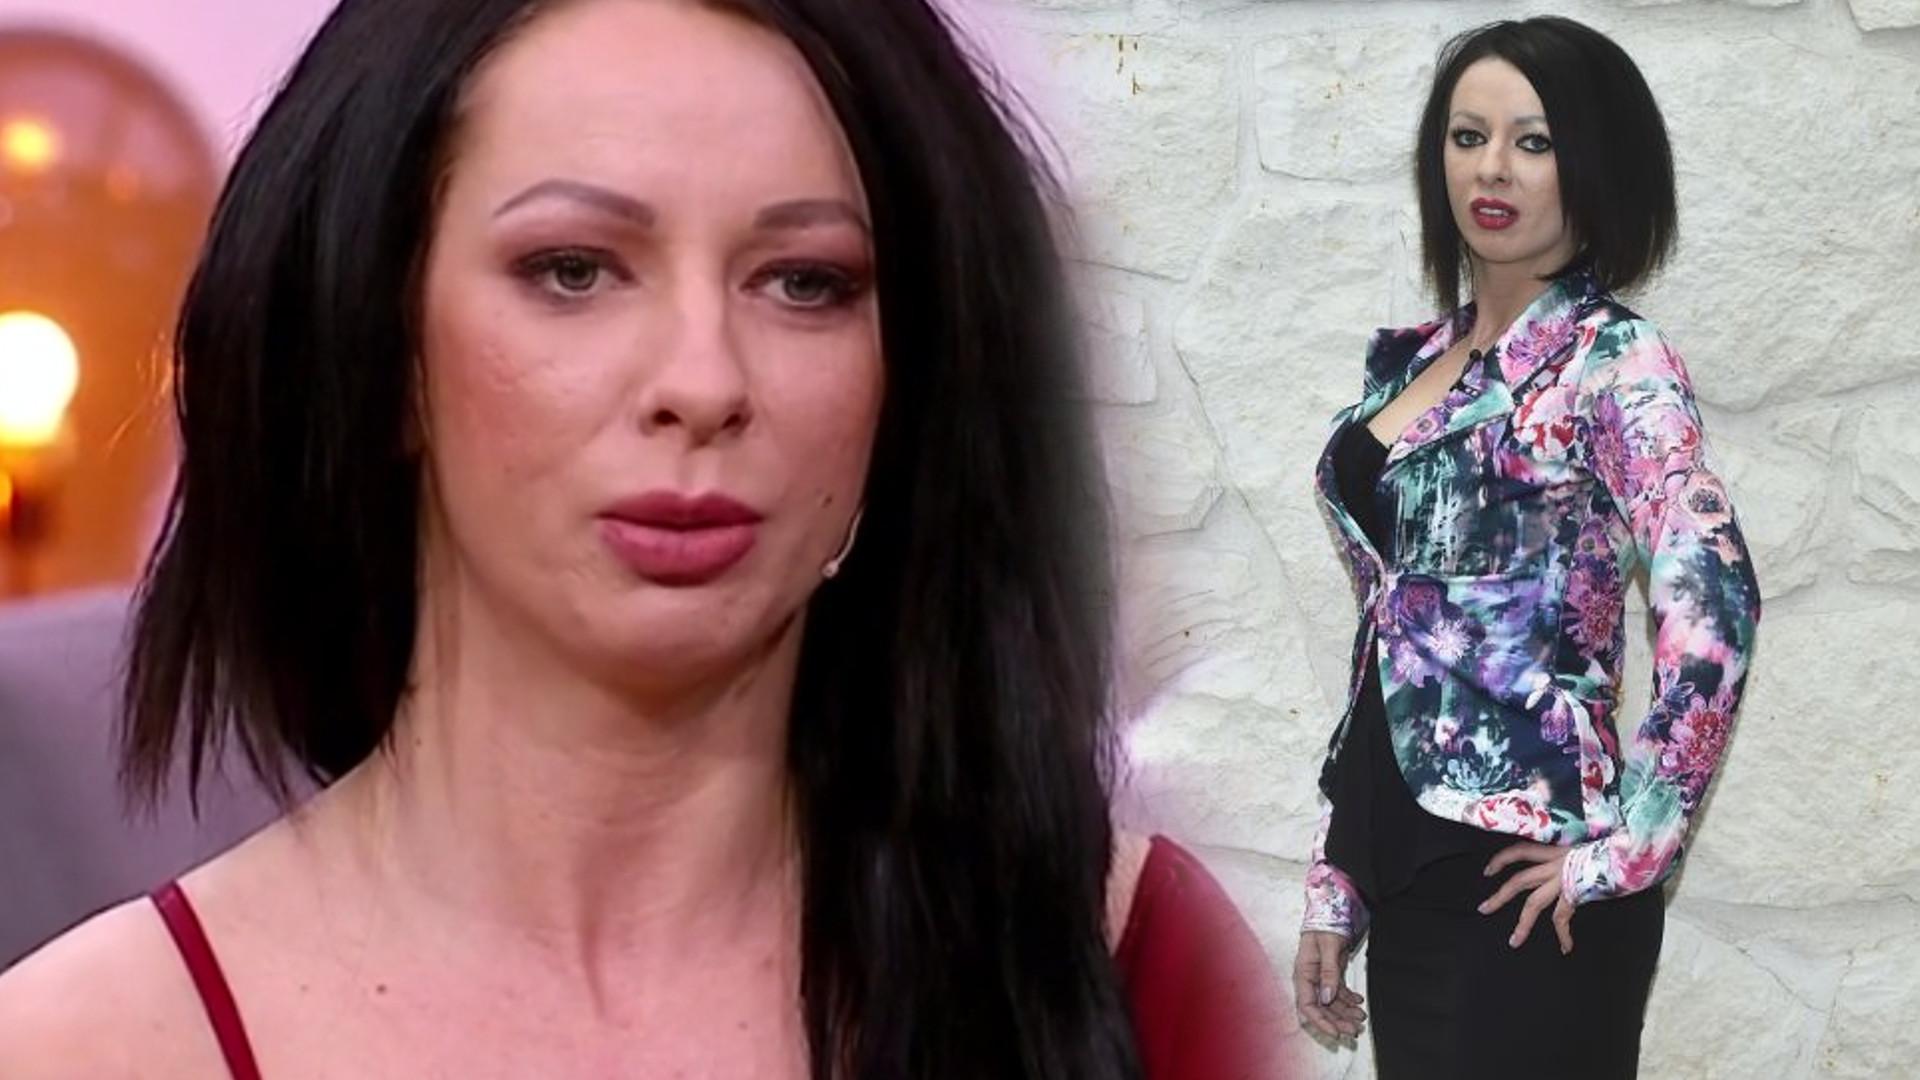 Jessica z Rolnika powiedziała, że zrobi sobie operację plastyczną